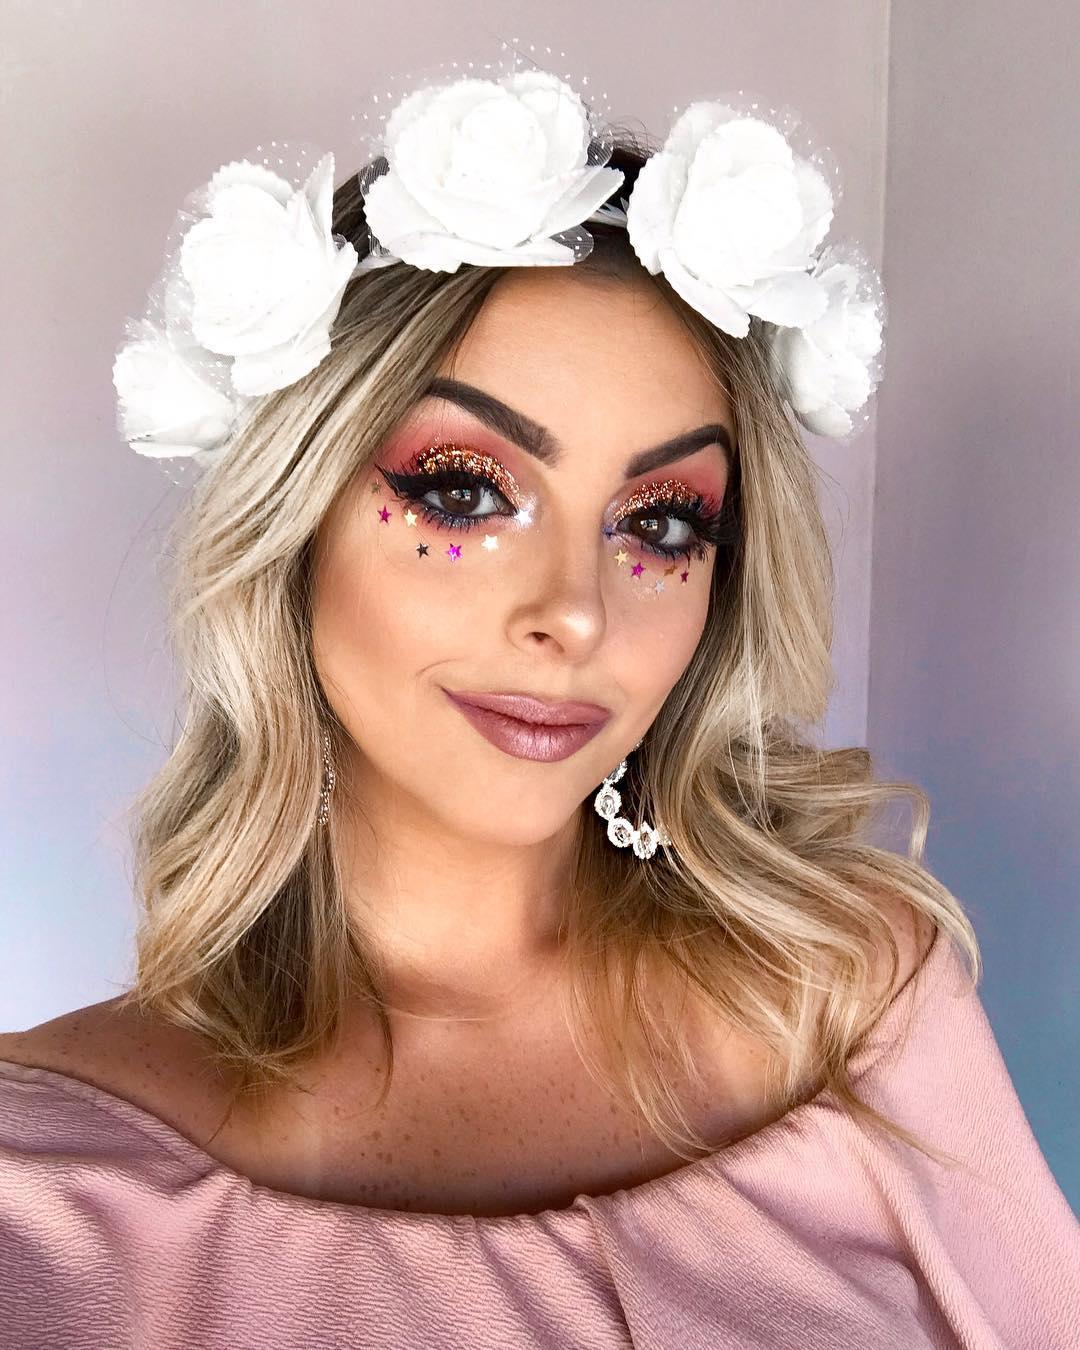 Só queria estar no #bailedavogue com essa maquiagem haha. PREPARA que amanhã tem tutorial dessa make de #carnaval ás 12:00h no canal ♀✨ Comenta seu emoji preferido . #makeupcarnaval #carnavalmakeup #maquiagem #makeuptutorial #makeup